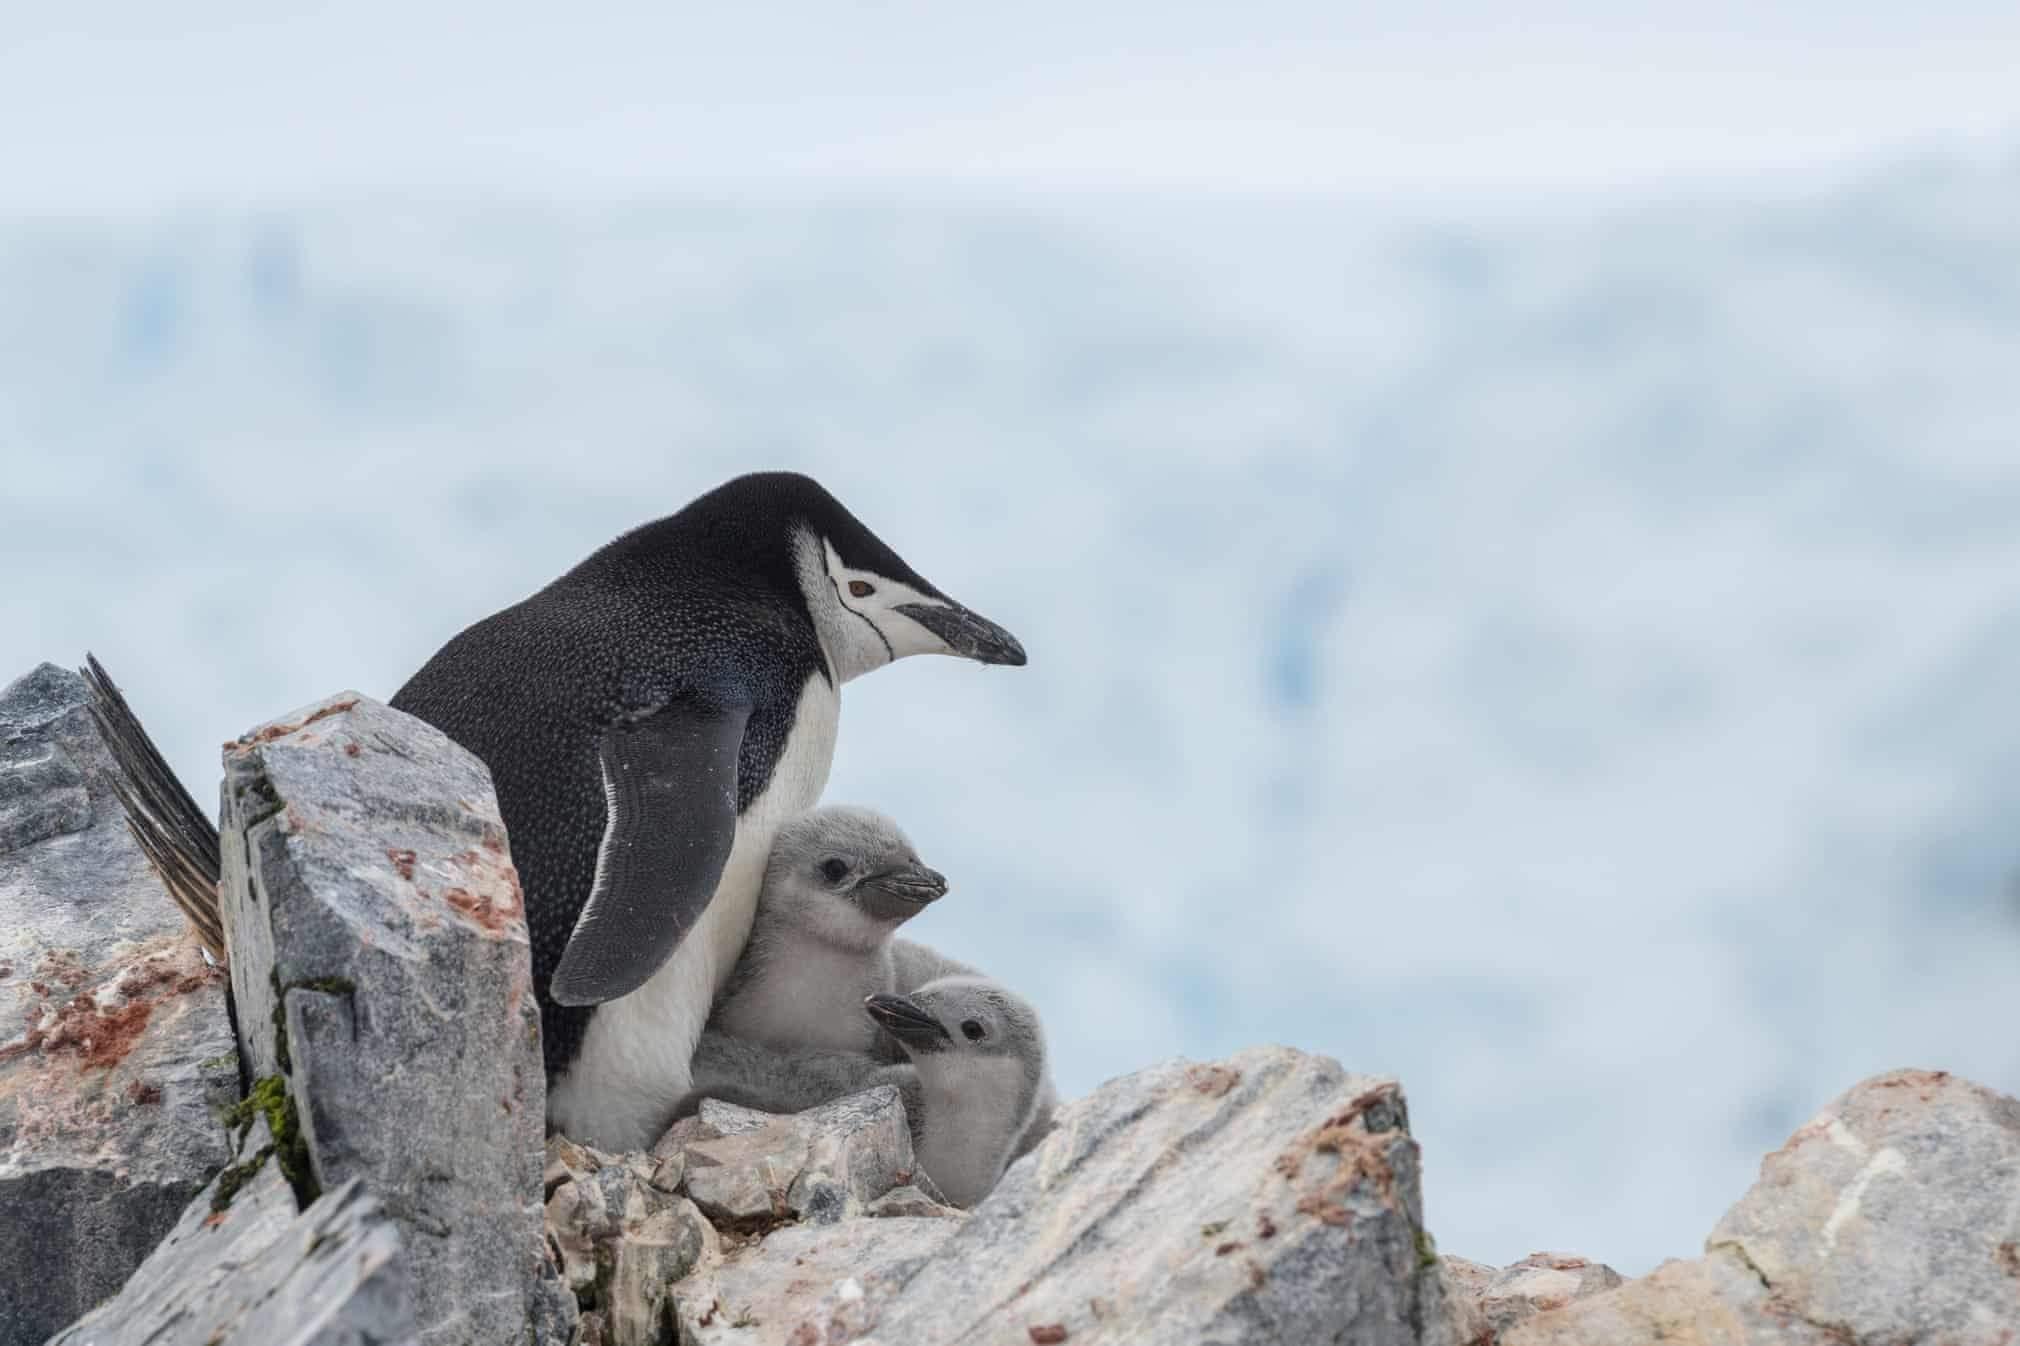 تصاویر منتشر نشده از حیوانات,تصاویر خاص از حیات وحش,عکس های جذات حیات وحش